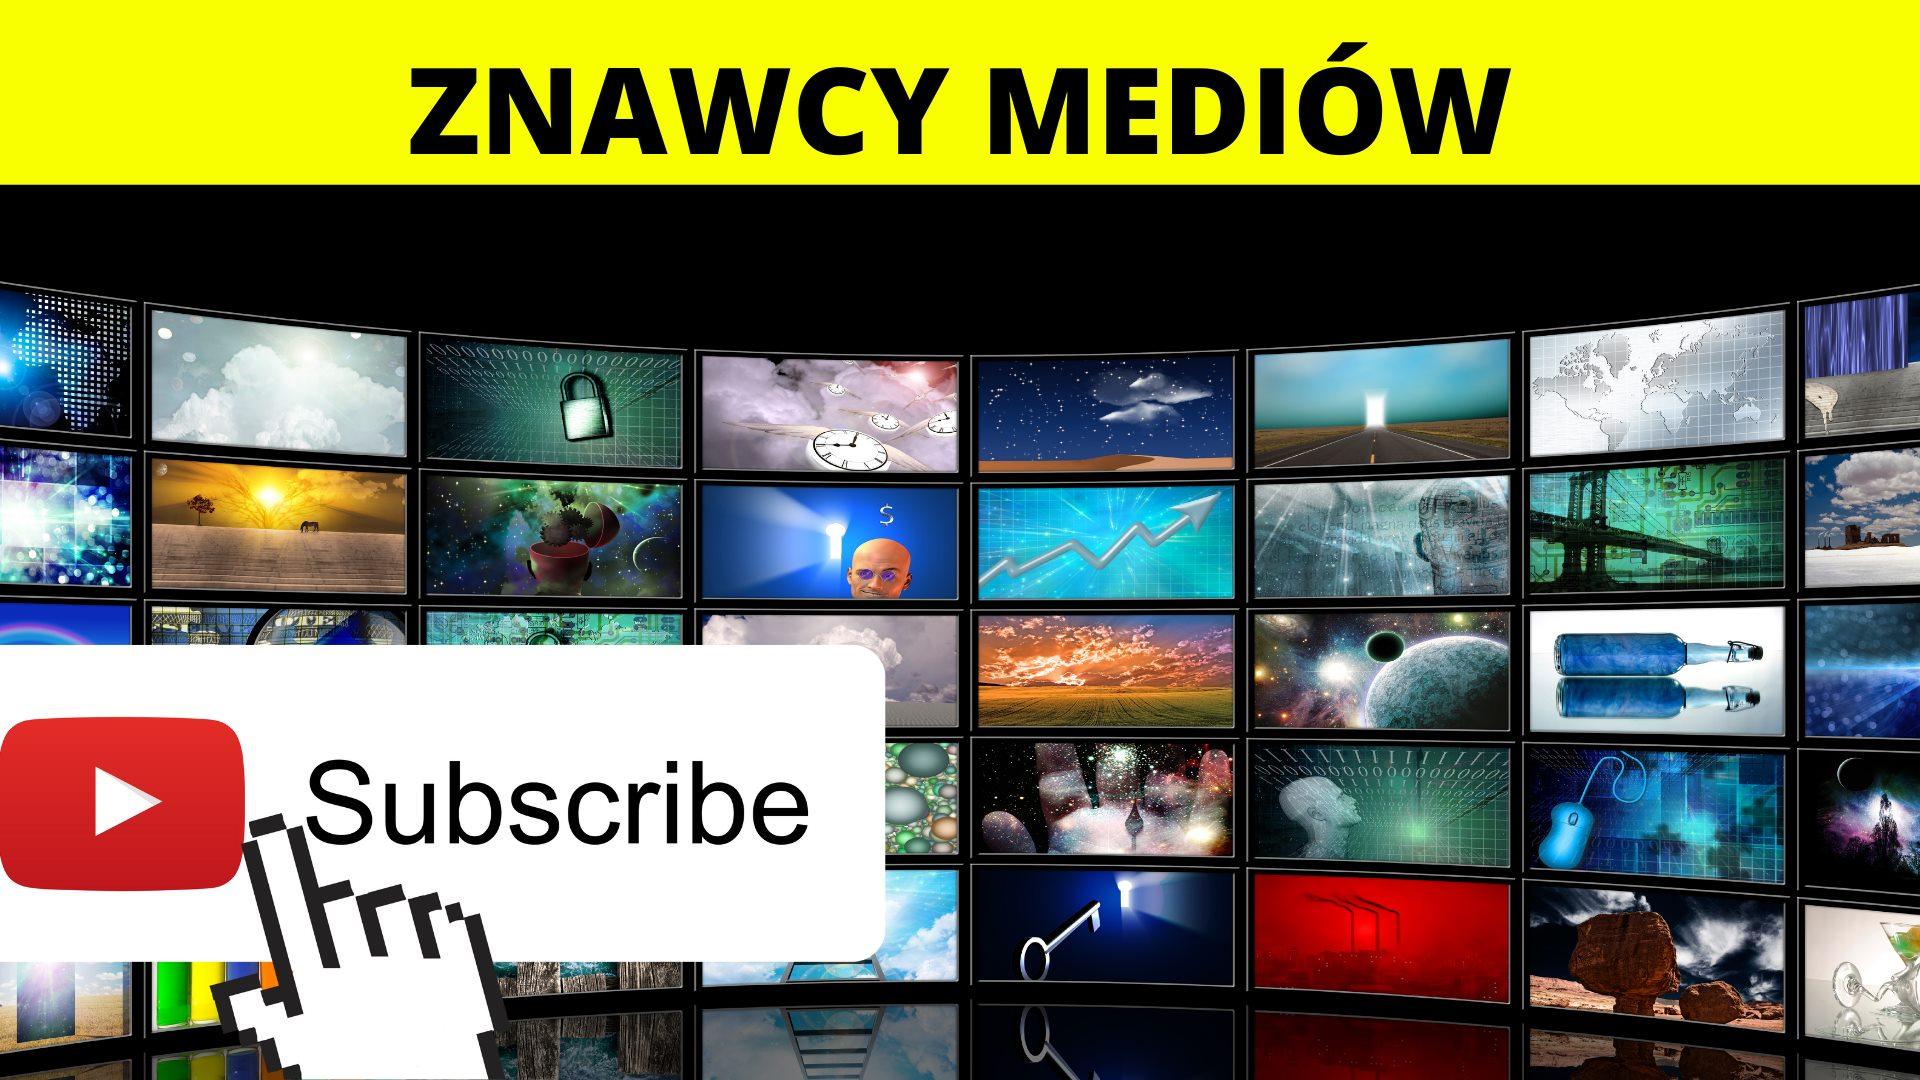 Znawcy mediów - Półkolonie 2021